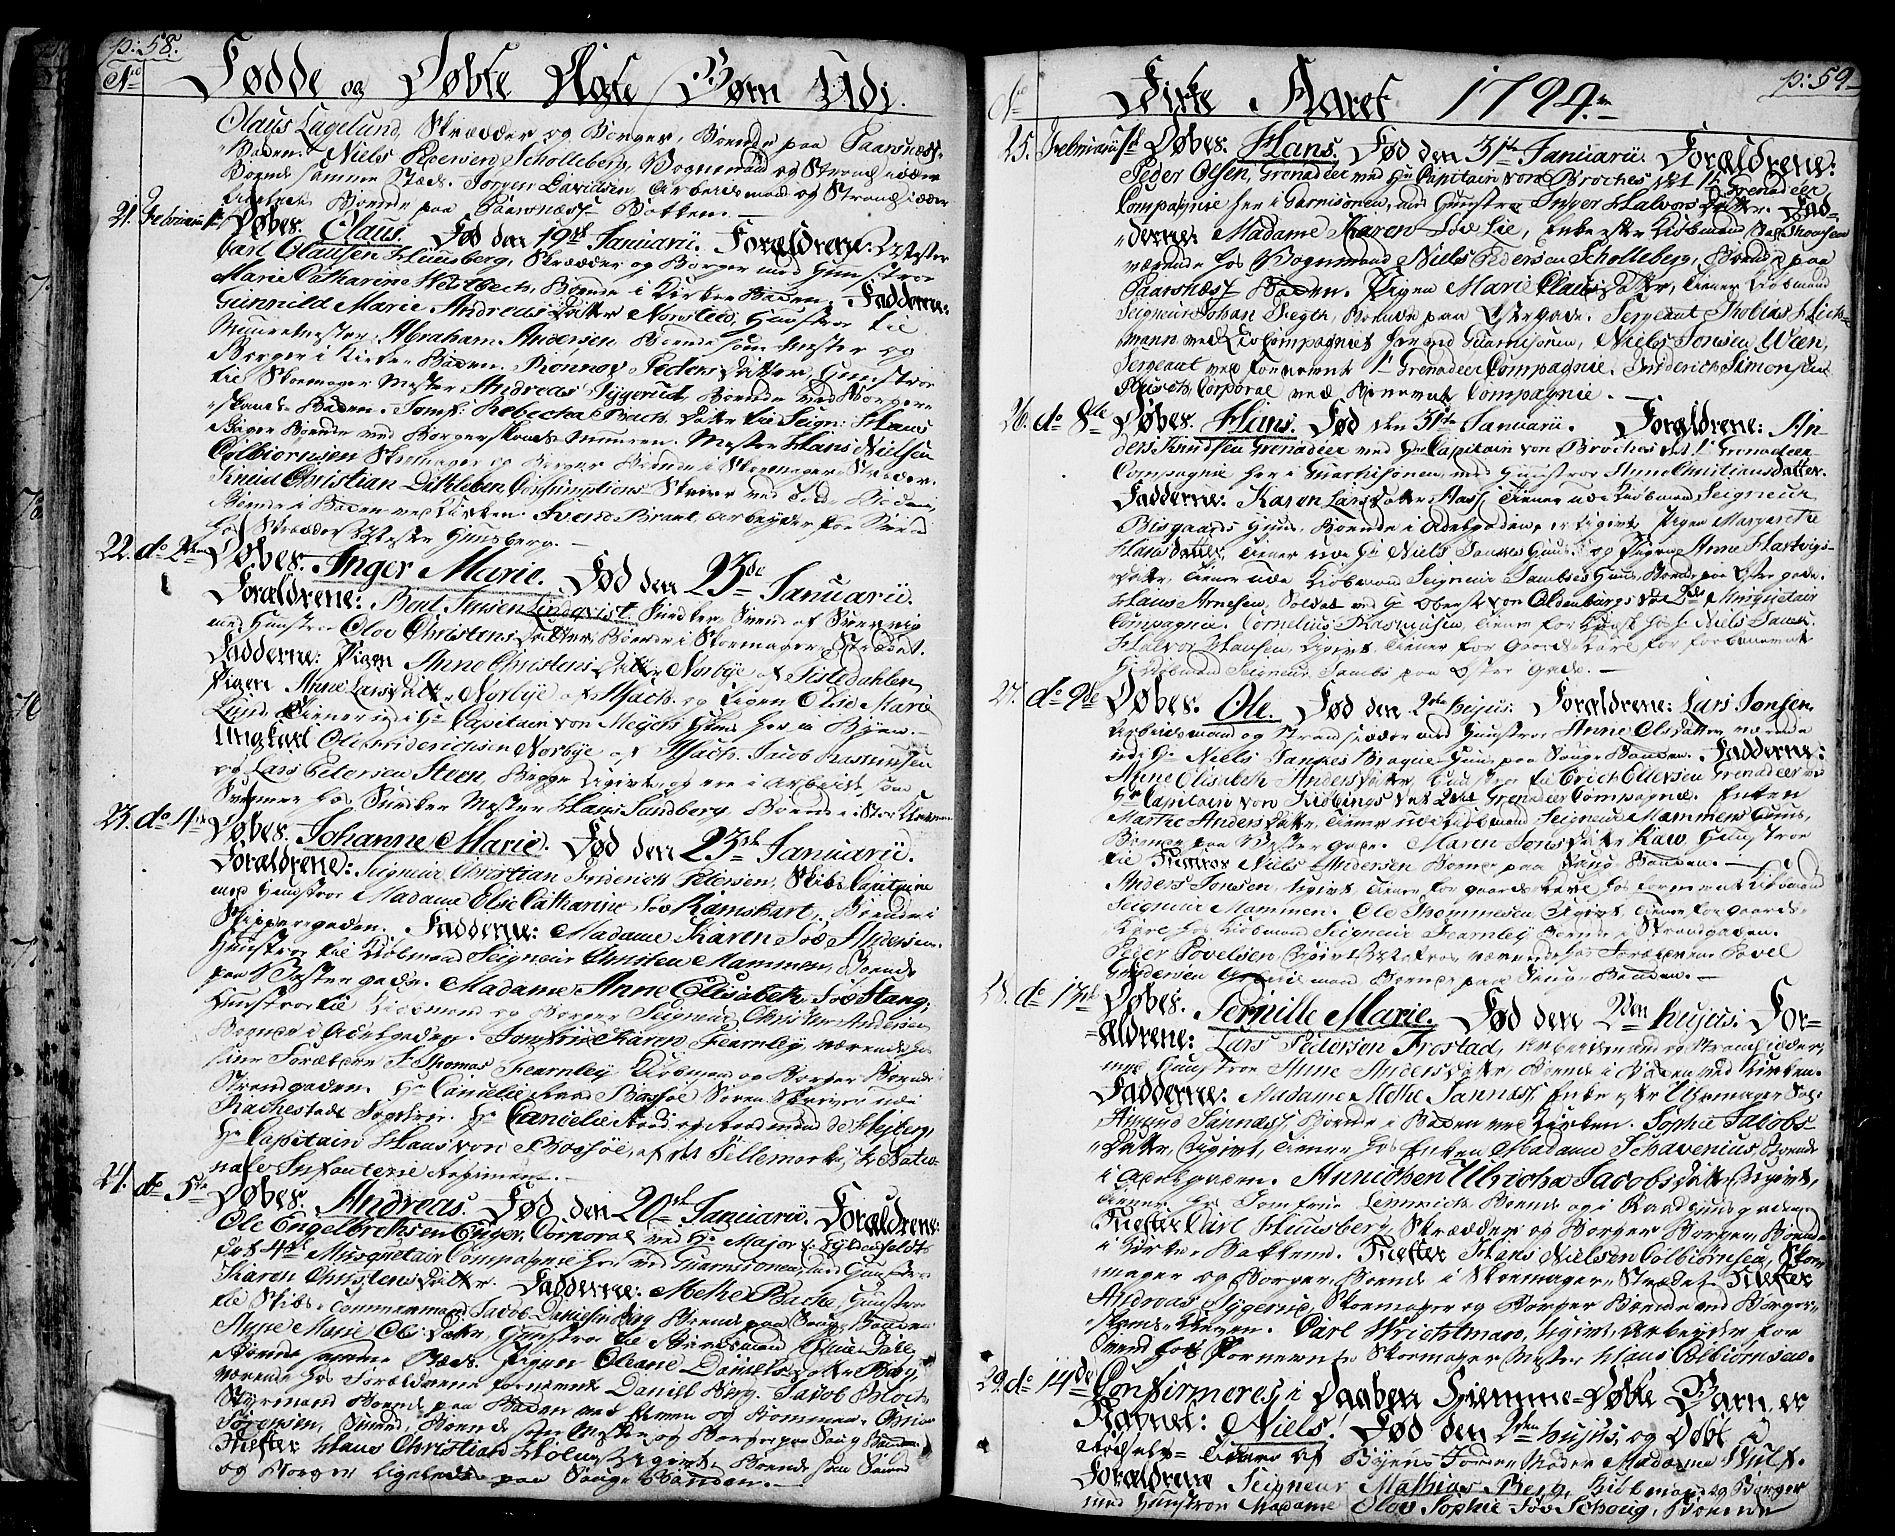 SAO, Halden prestekontor Kirkebøker, F/Fa/L0002: Ministerialbok nr. I 2, 1792-1812, s. 58-59